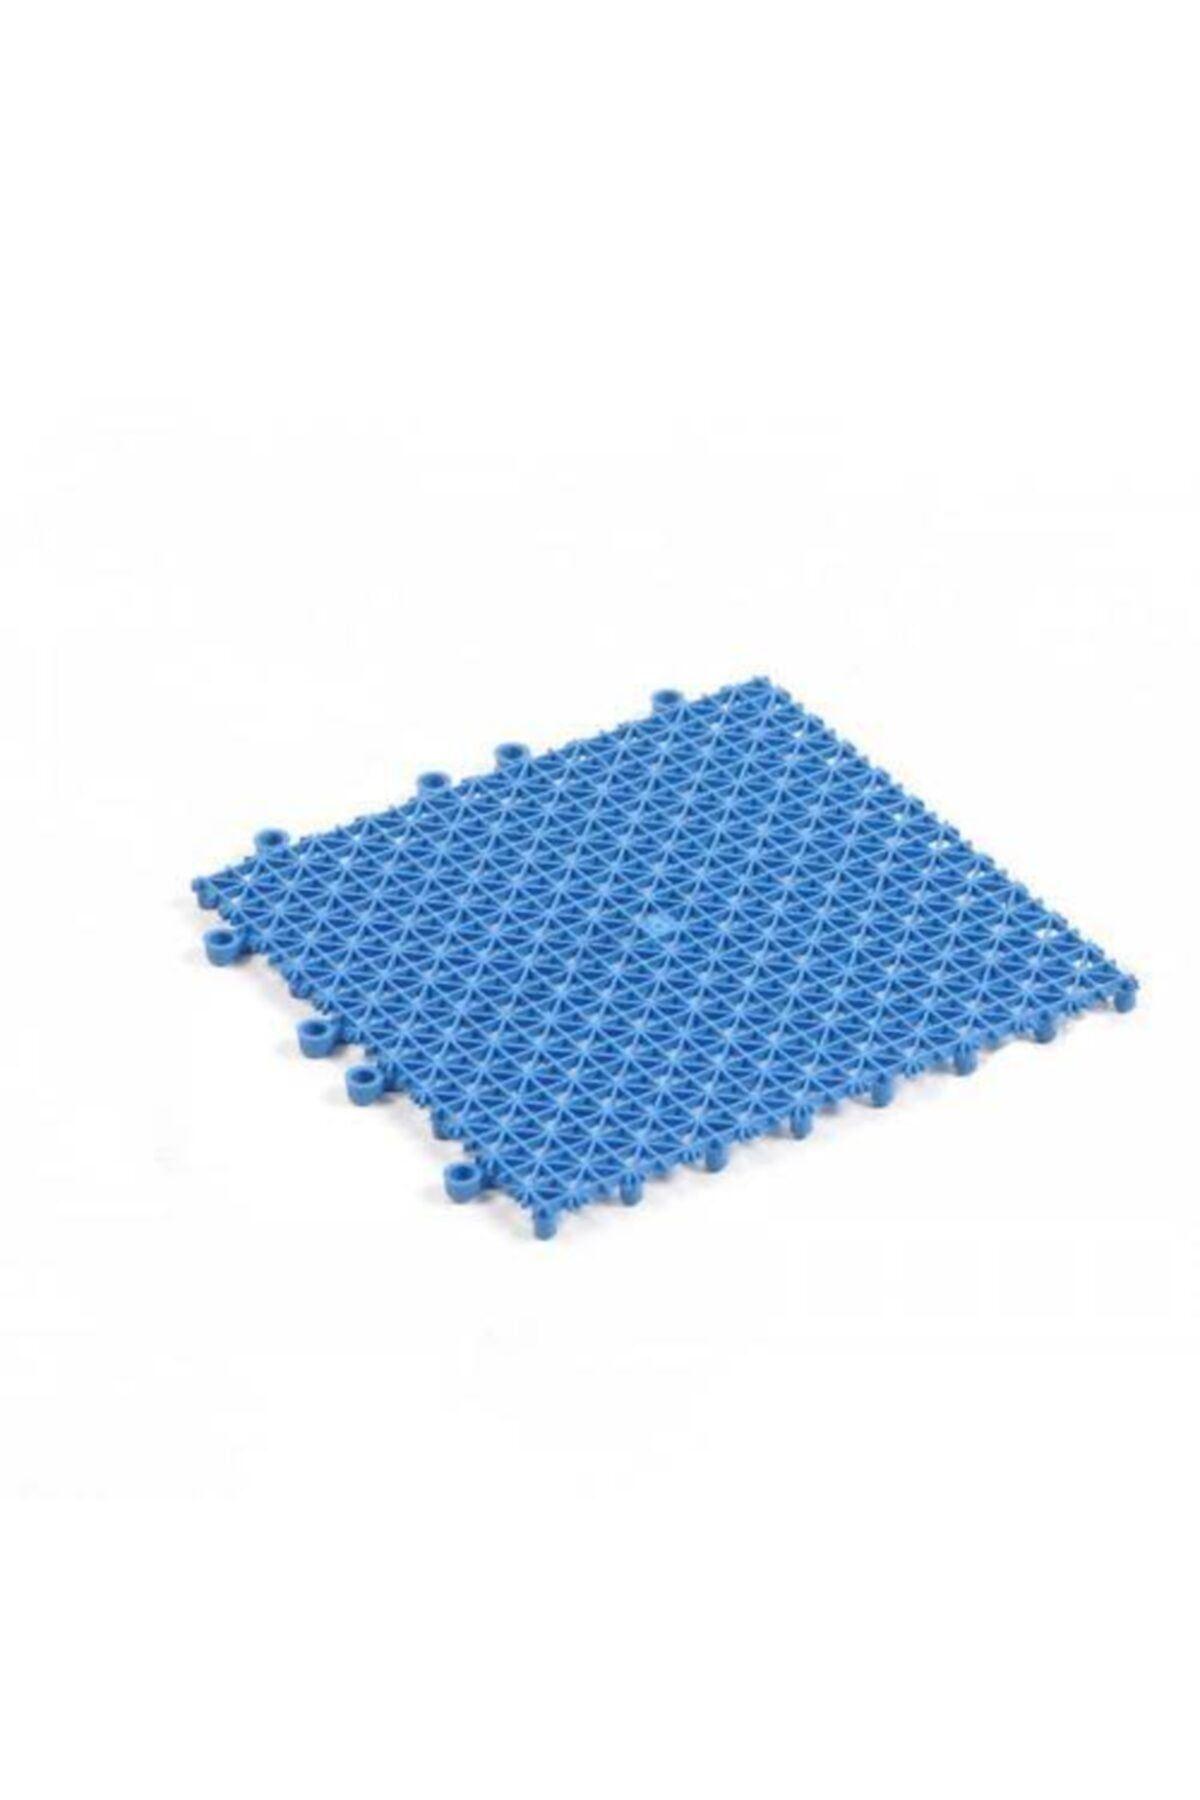 Mavi Plastik Kırılmaz Yer Karosu Zemin Kaplaması 1m2 ( 80 Adet ) 25 X 25 cm